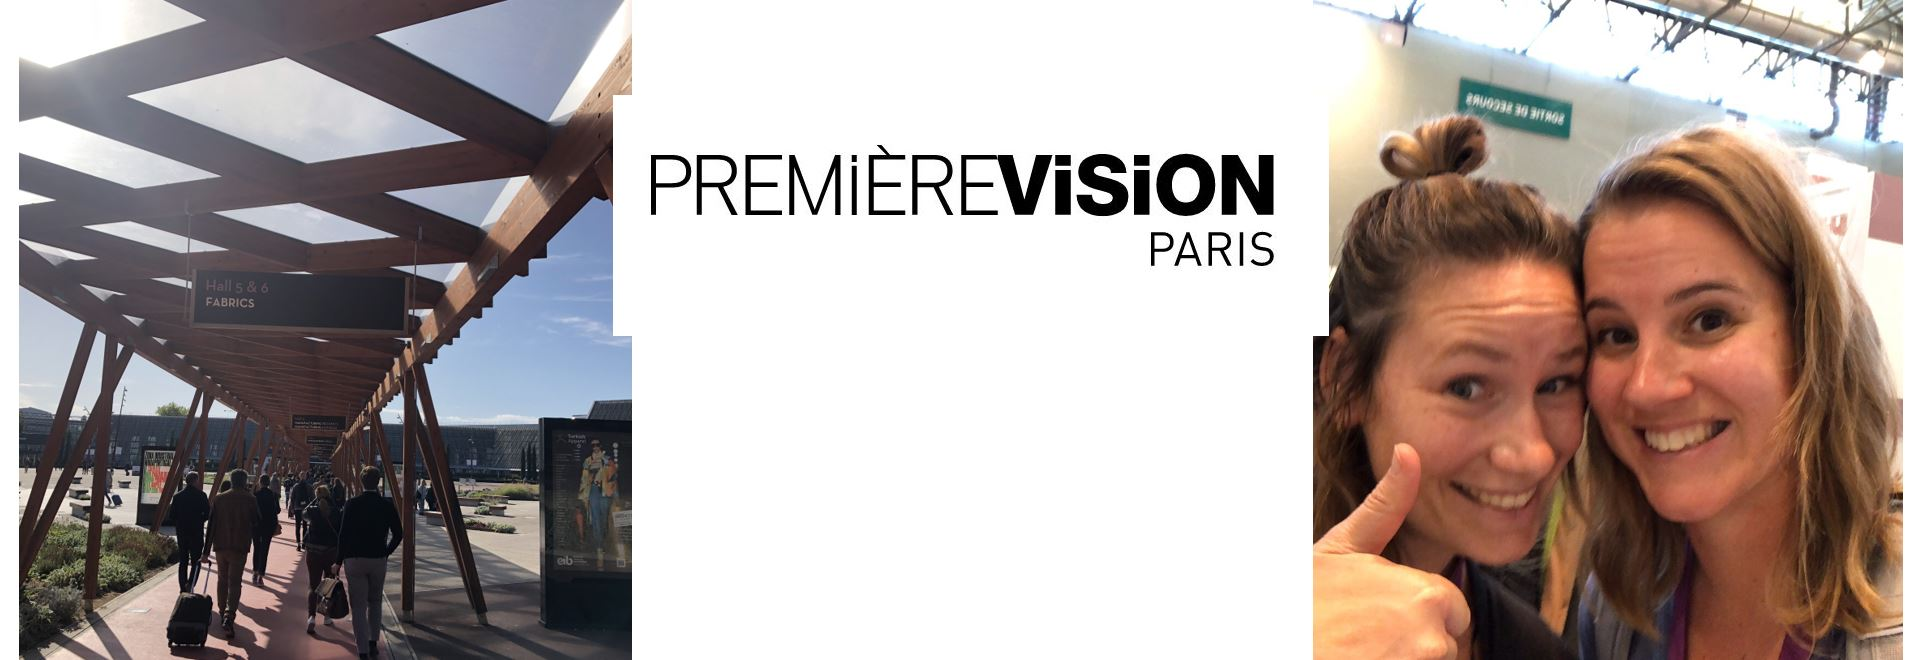 Paris Paris! Beursbezoek met een missie